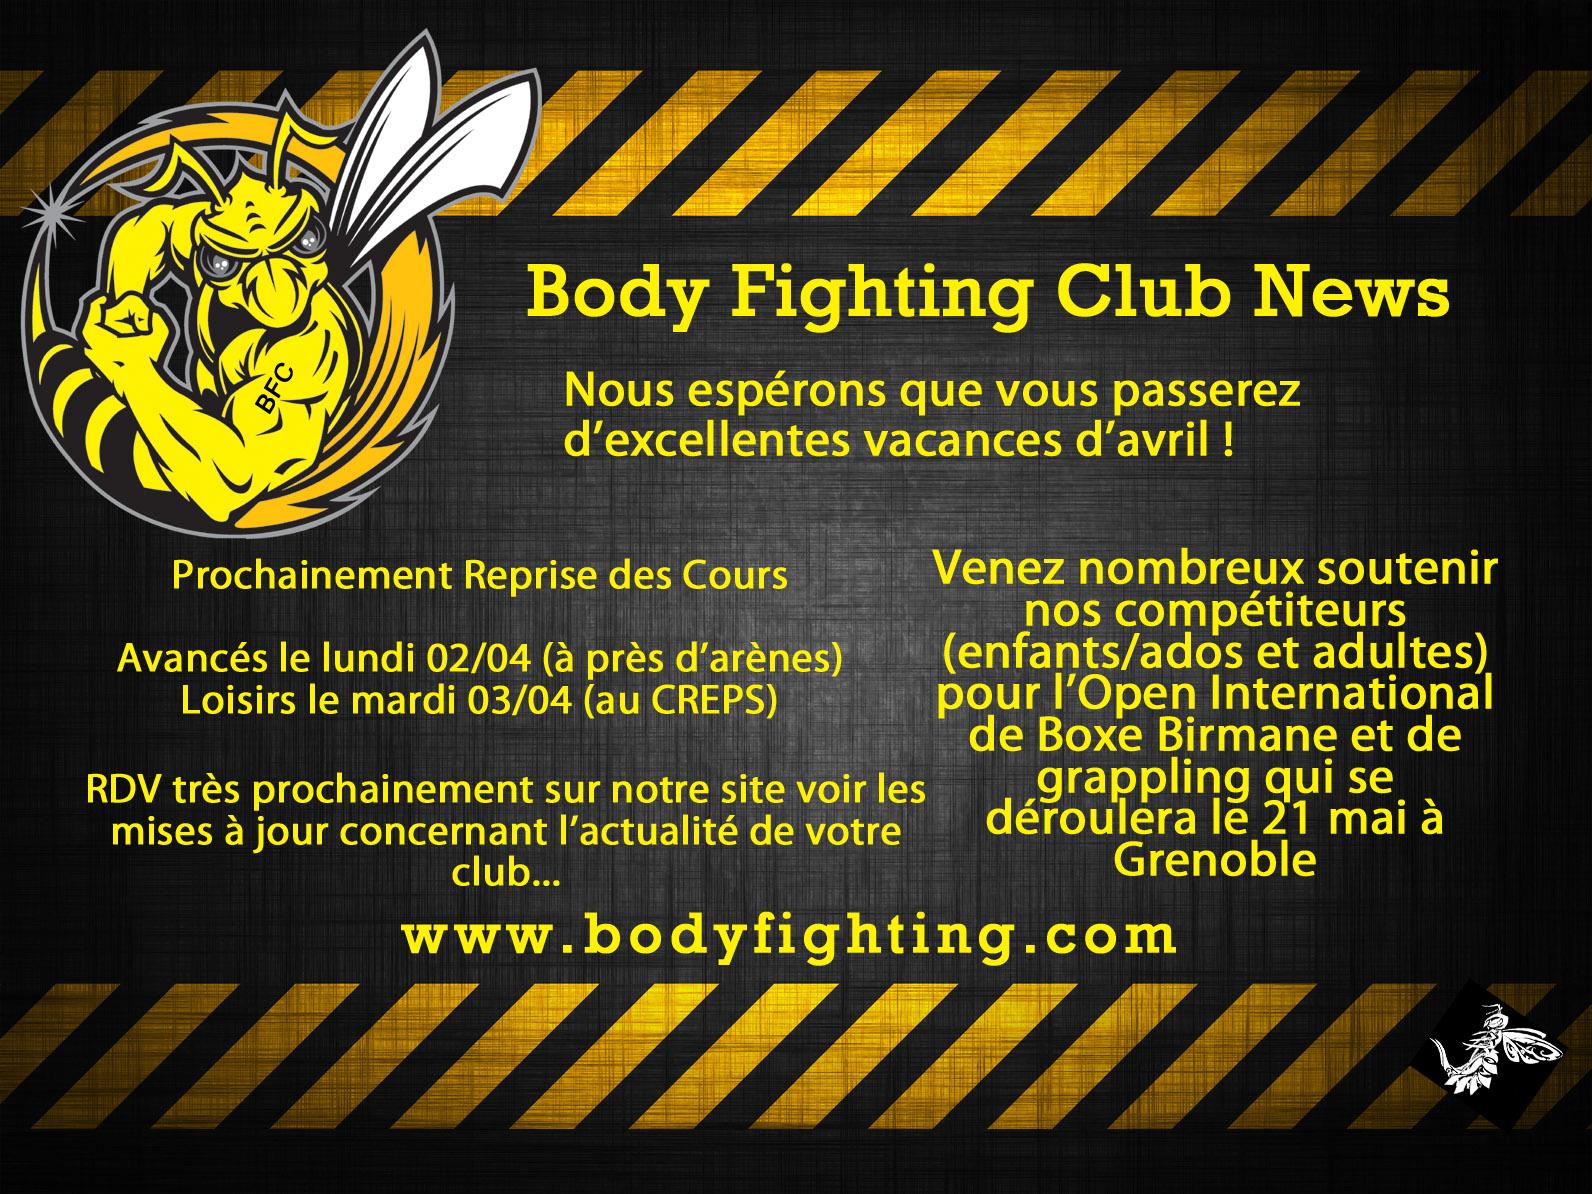 Toute l'équipe du Body-Fighting Club de Montpellier vous souhaitent d'excellentes vacances d'été!!!